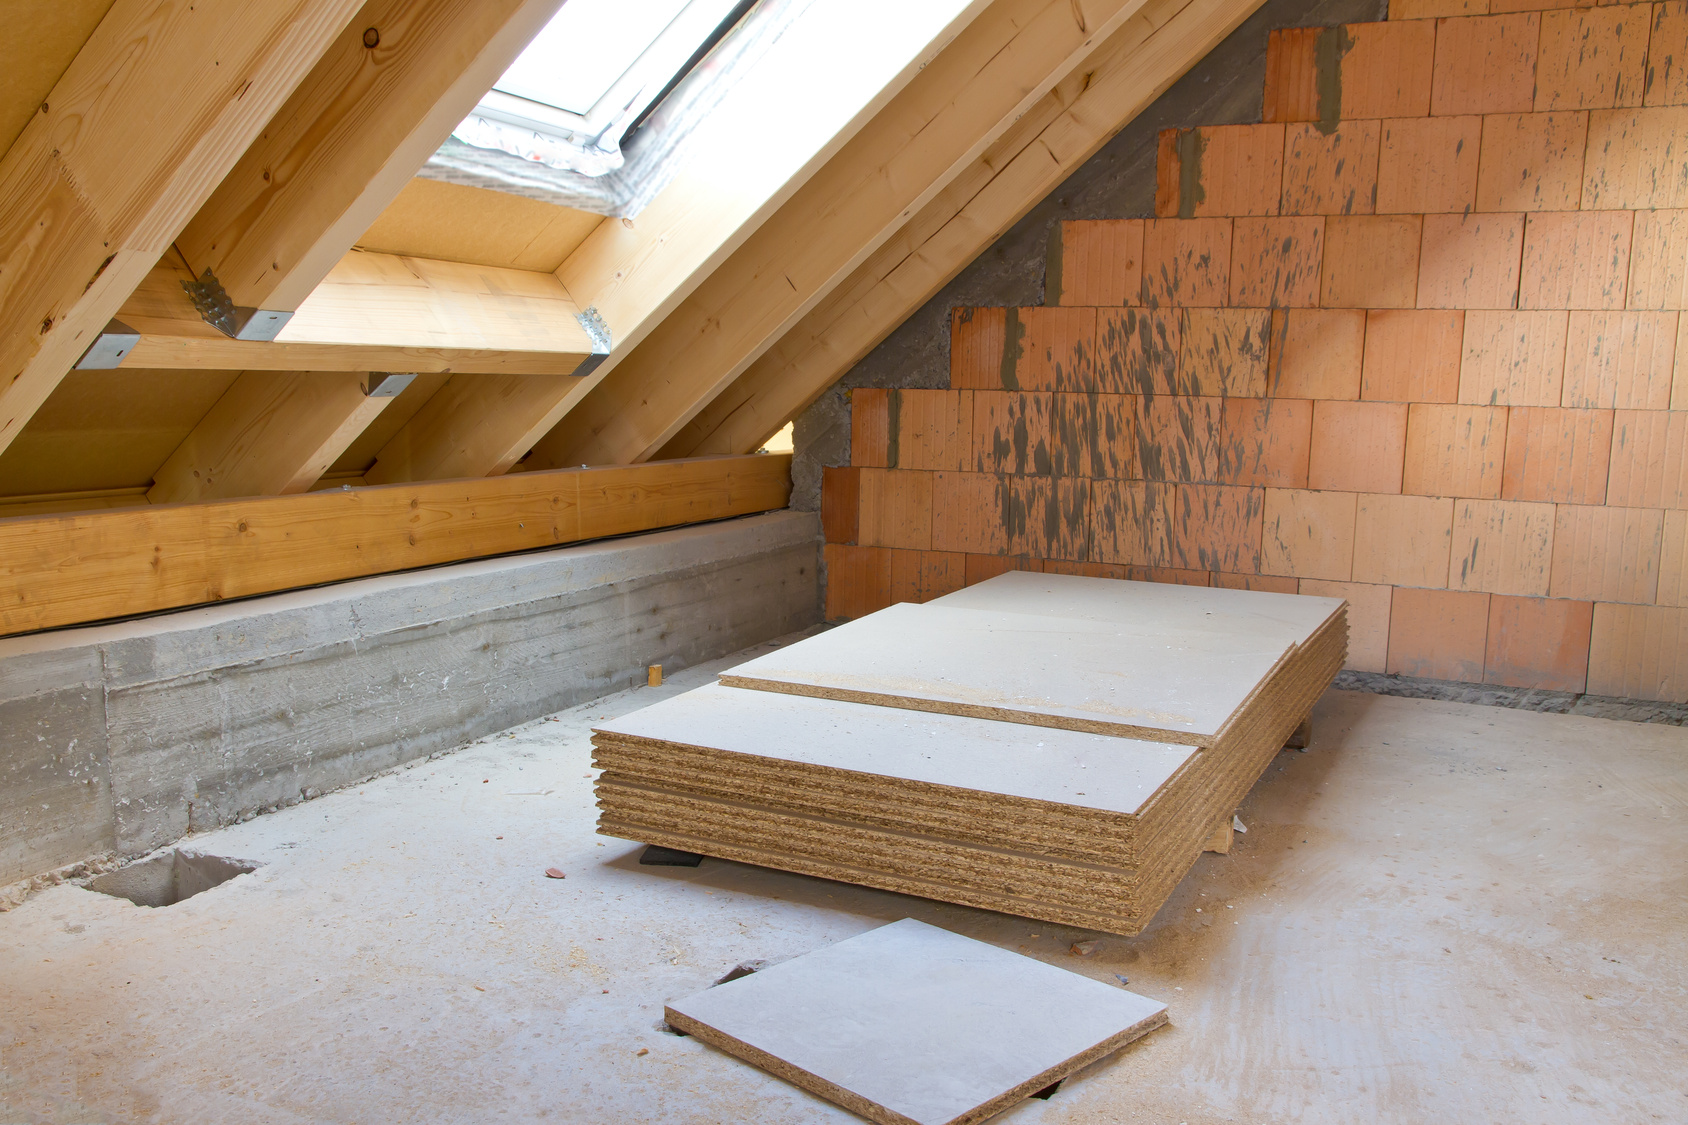 harmonisierung der gesundheitl bewertung nik und eu lci. Black Bedroom Furniture Sets. Home Design Ideas